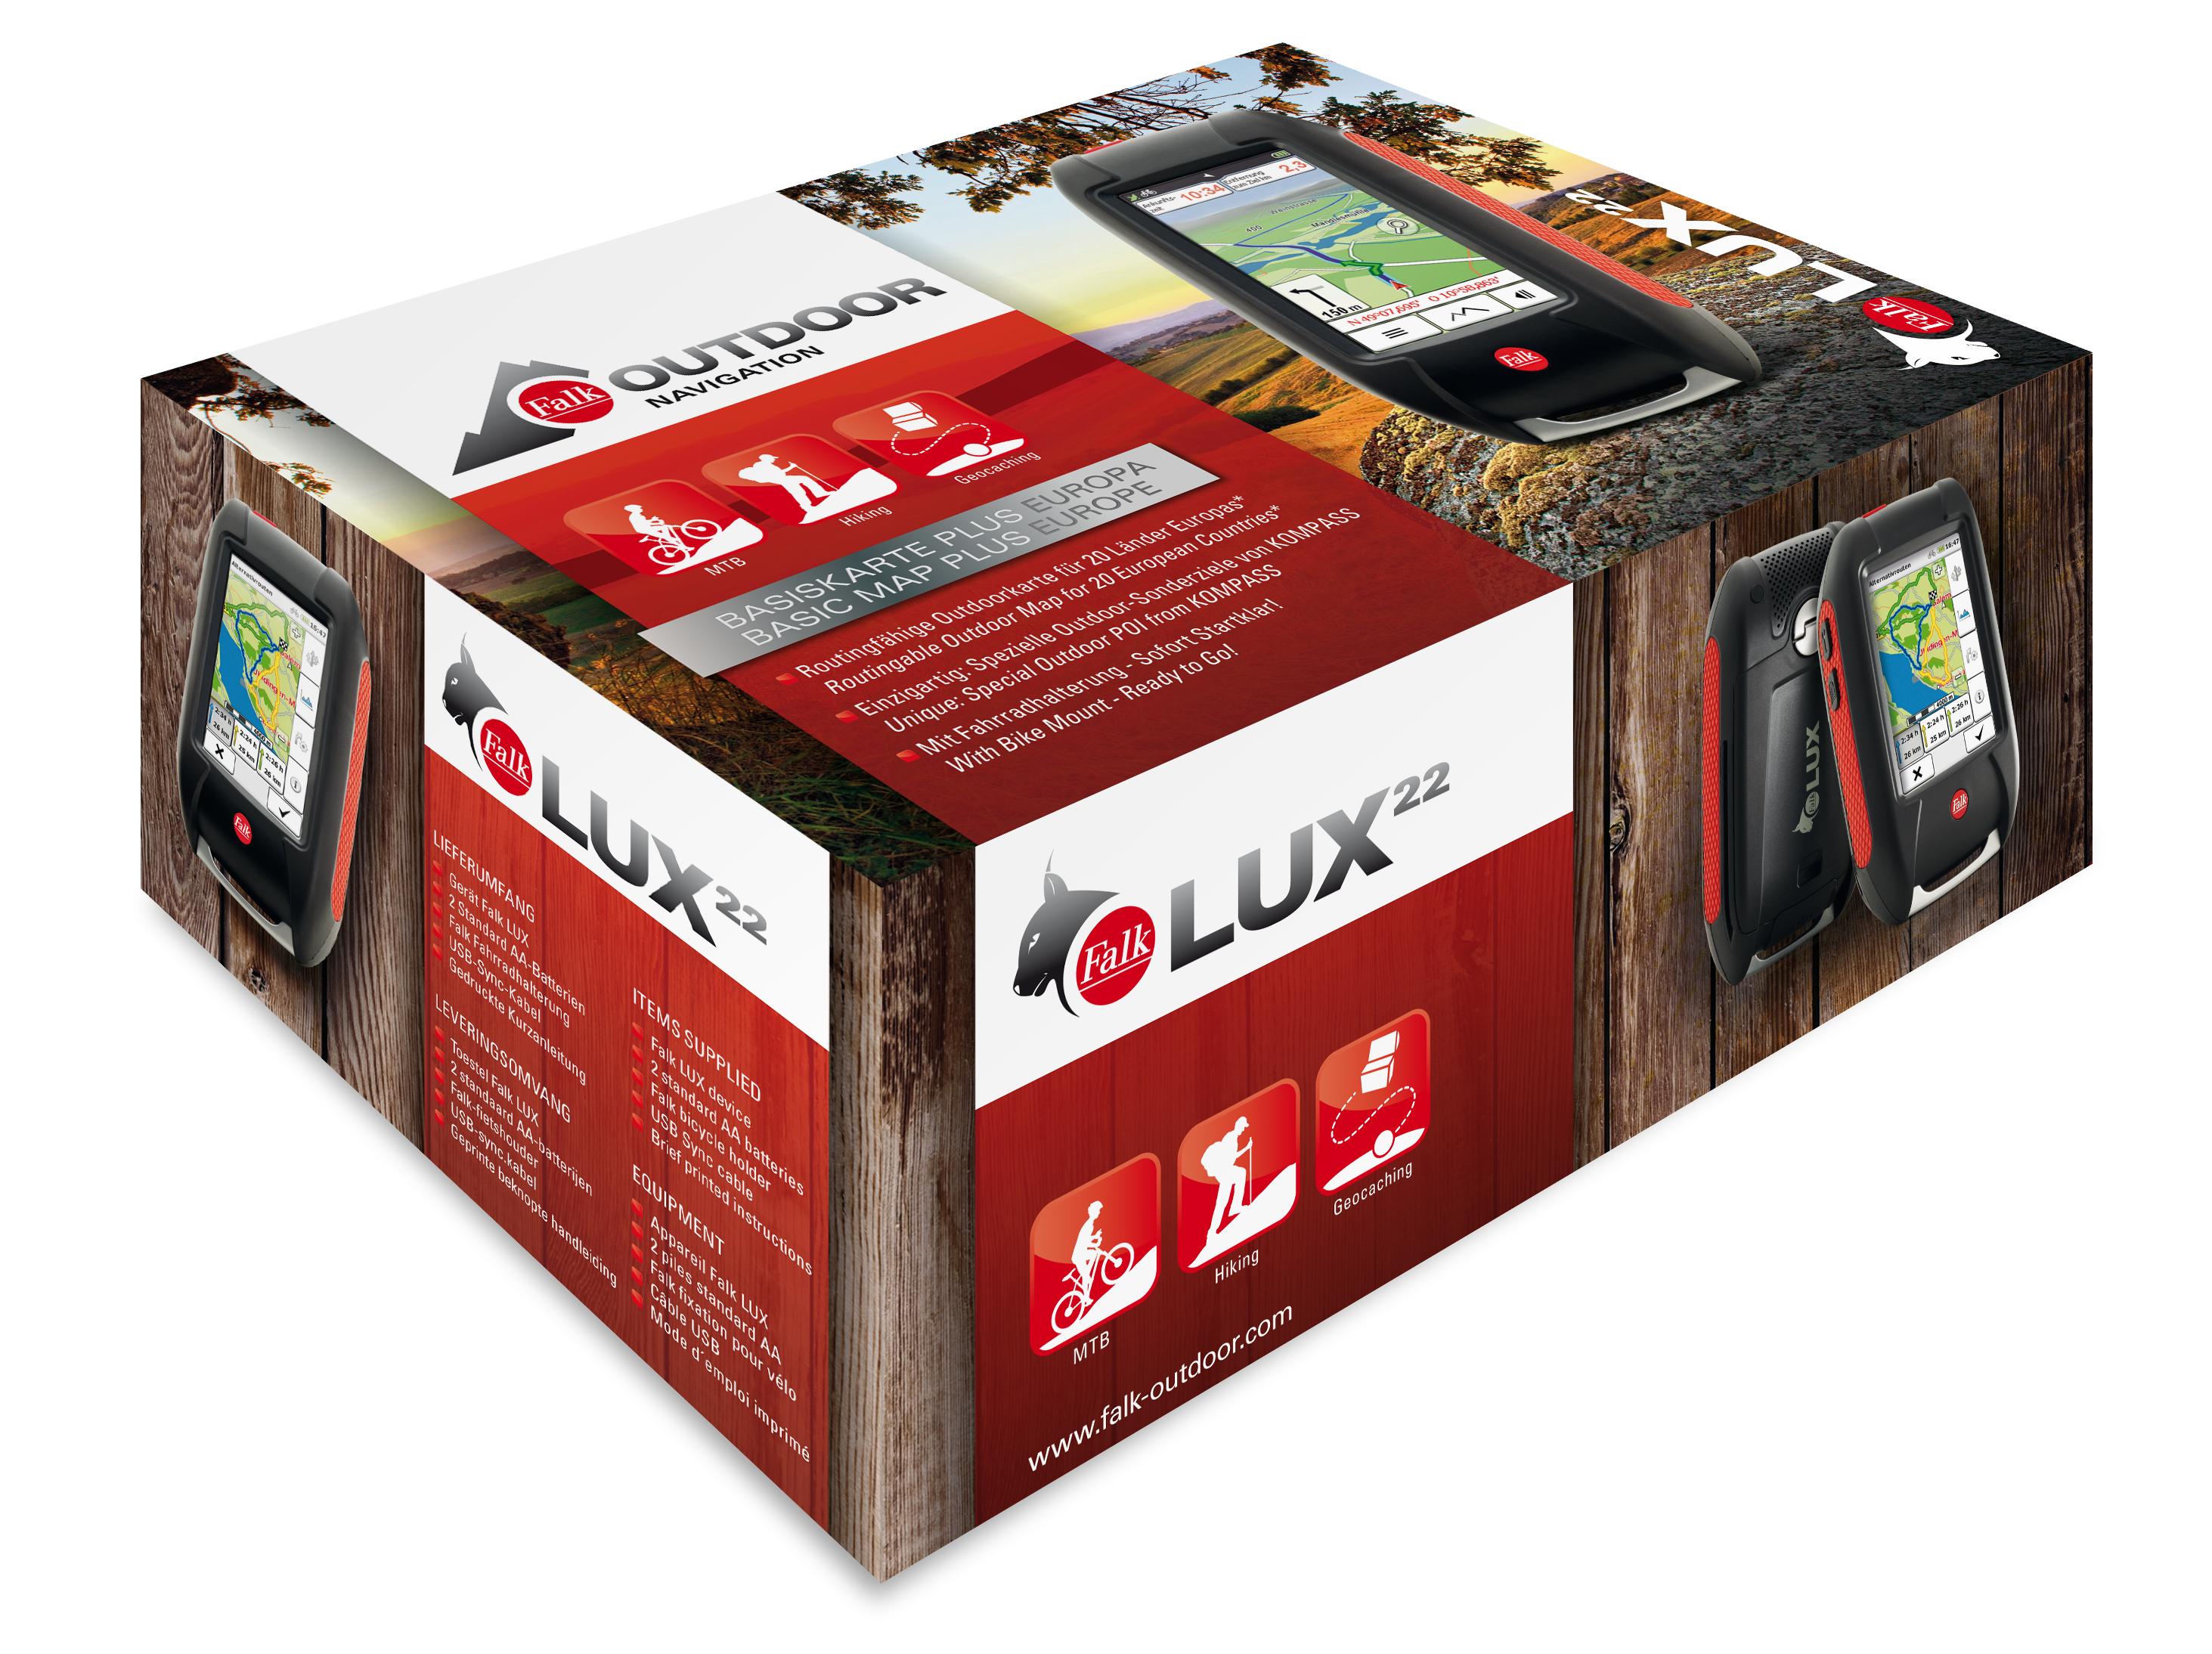 Verpackung_LUX22